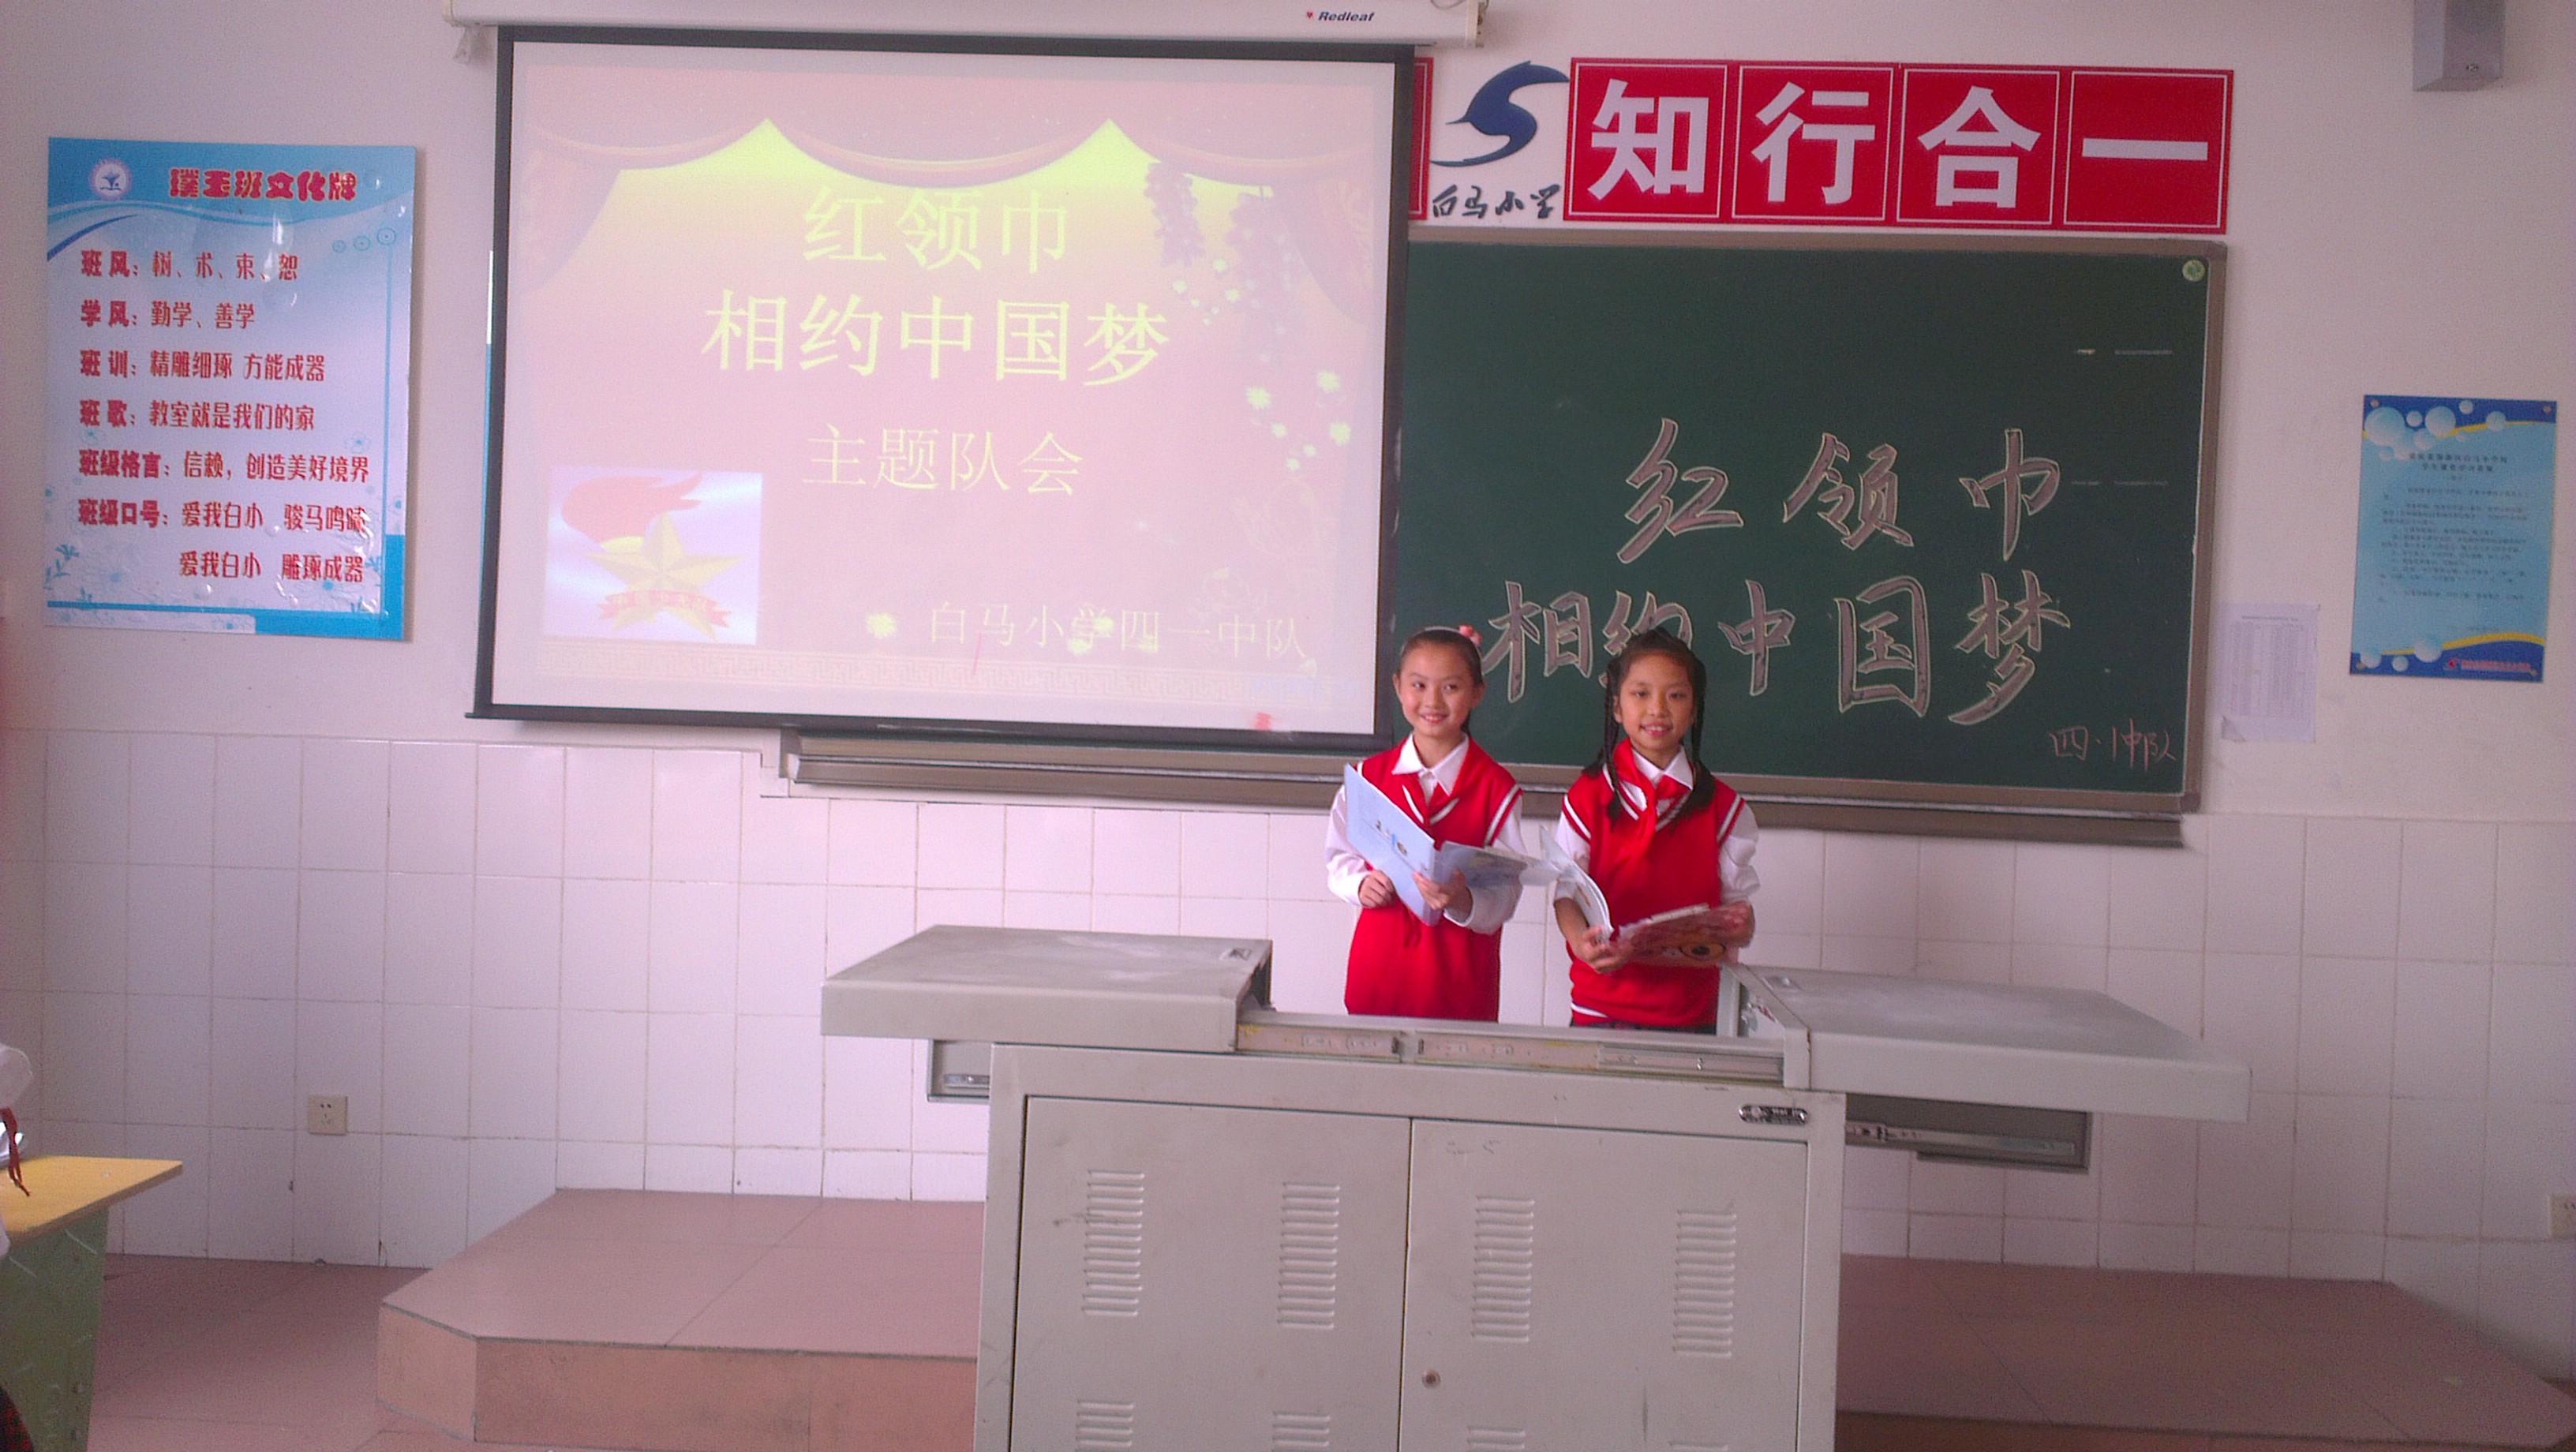 相约中国邓森2010